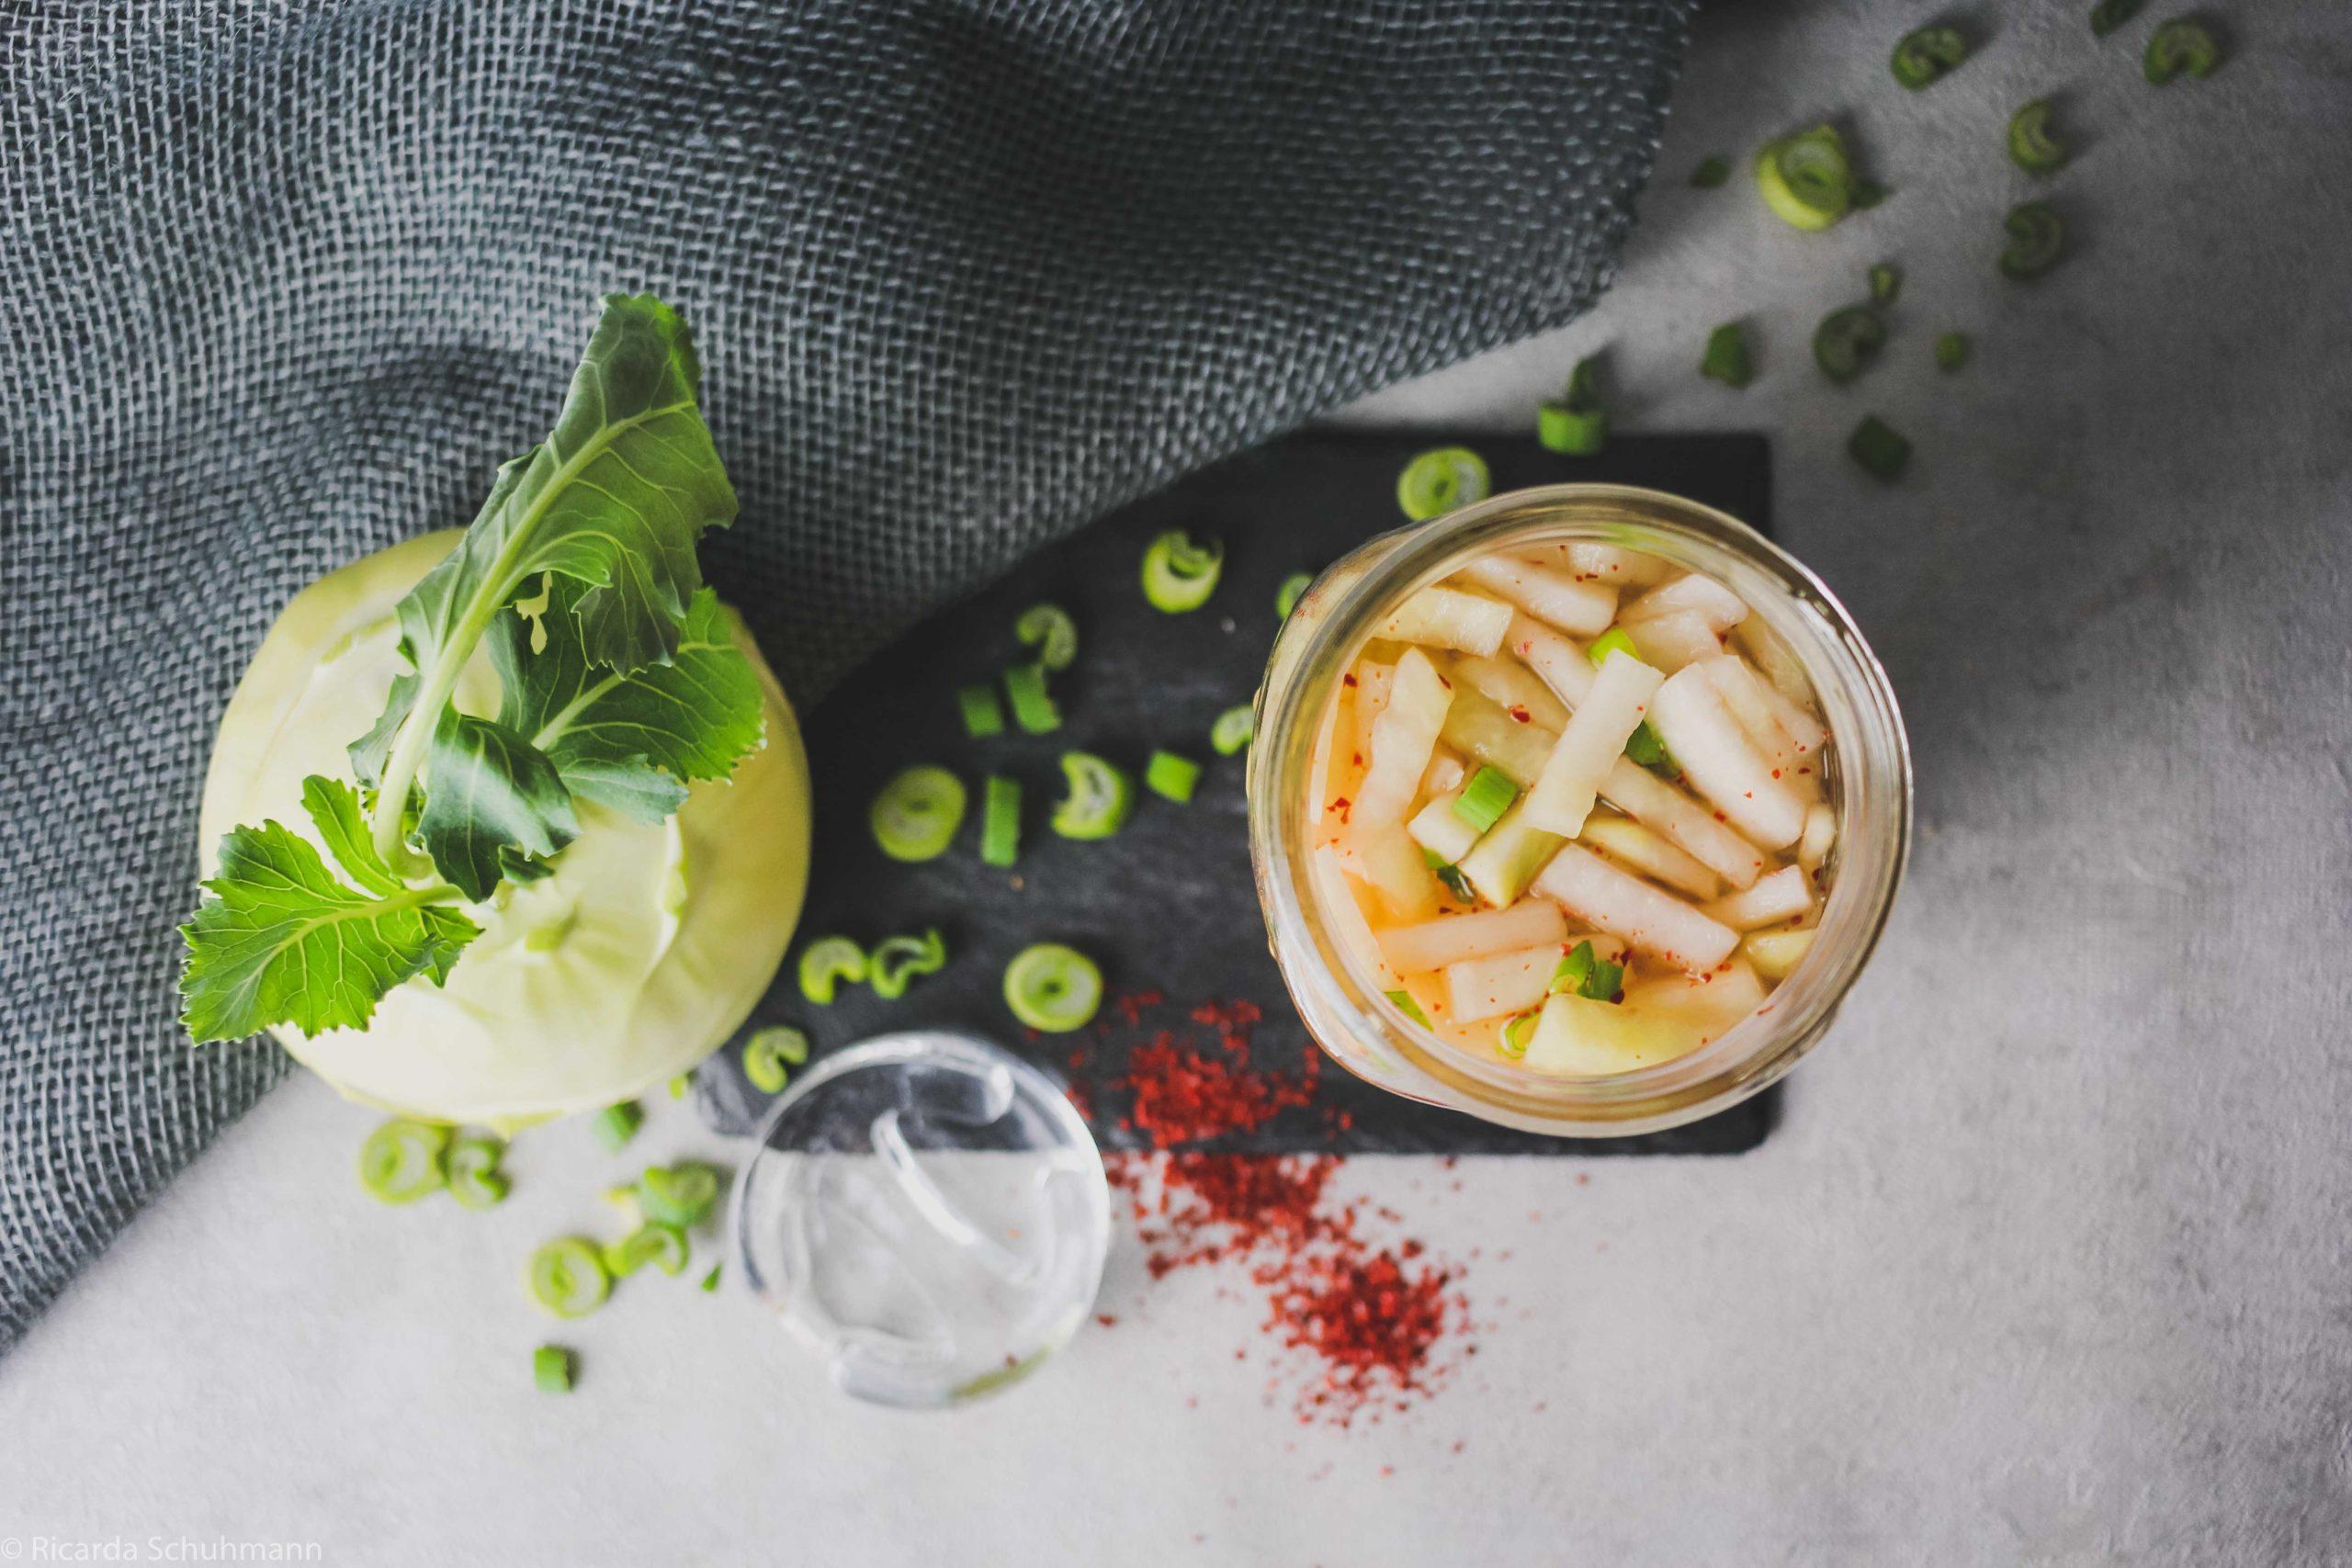 Kohlrabi fermentiert mit Chili und Frühlingszwiebeln